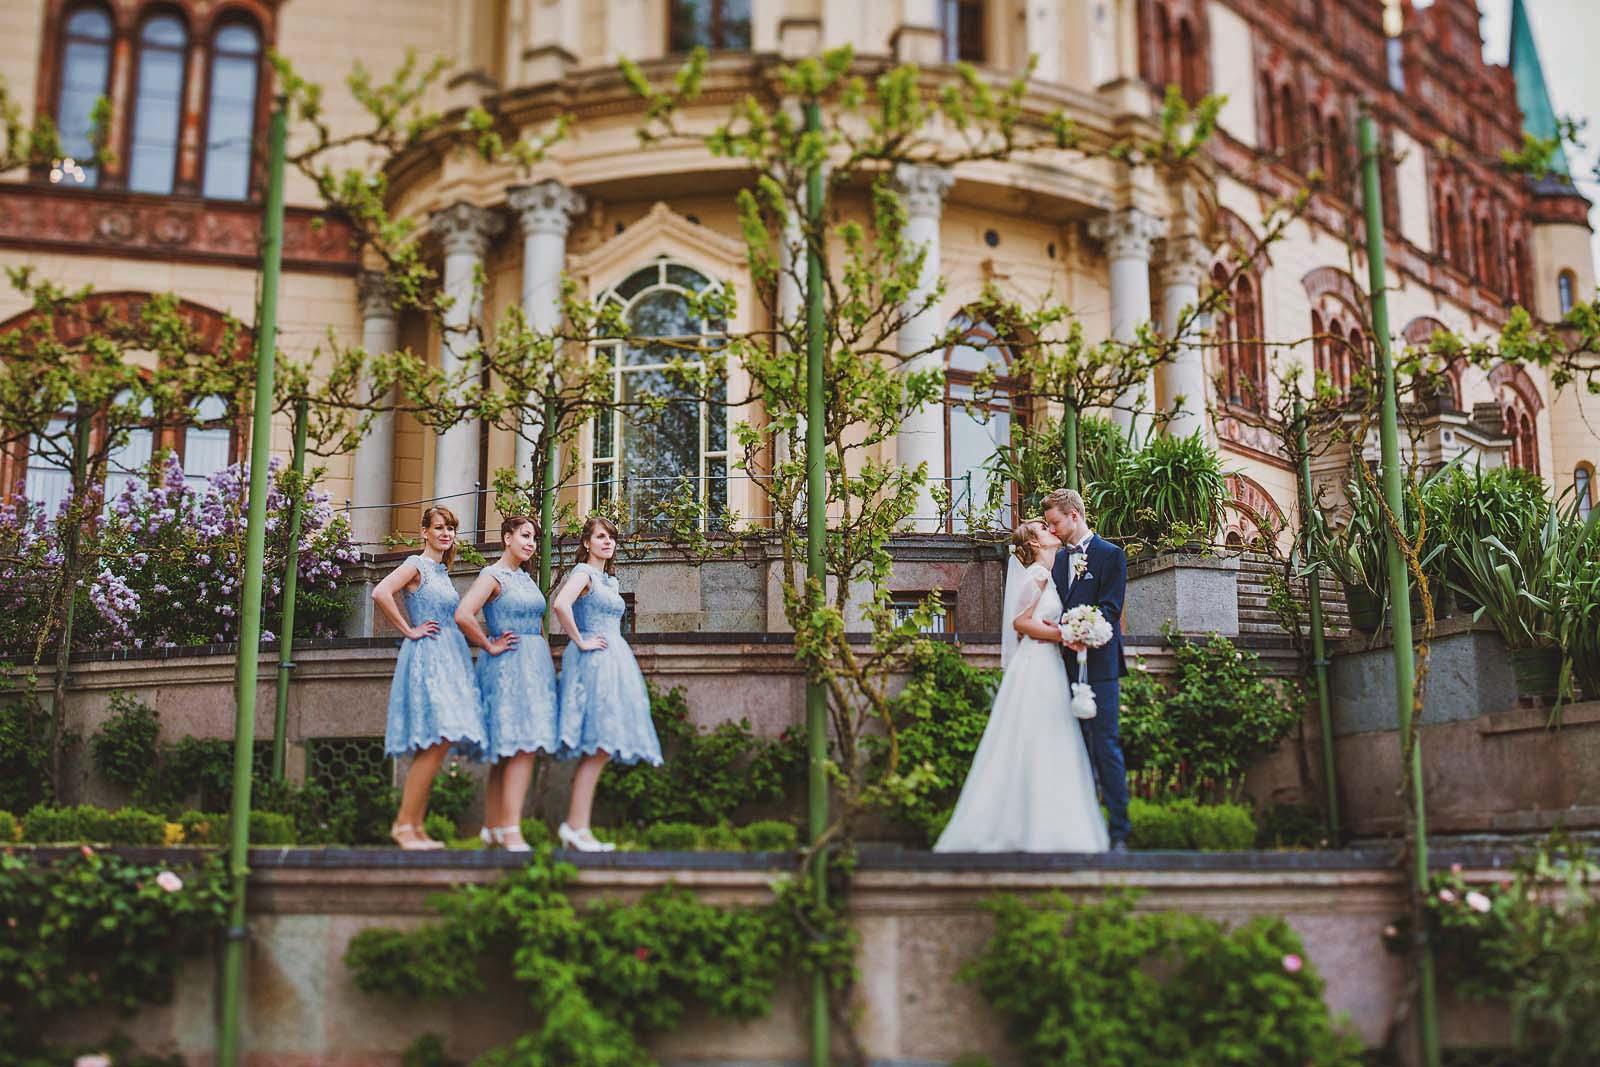 Hochzeitsfotograf Schwerin macht Gruppenfoto am Schloss Copyright by Hochzeitsfotograf www.berliner-hochzeitsfotografie.de